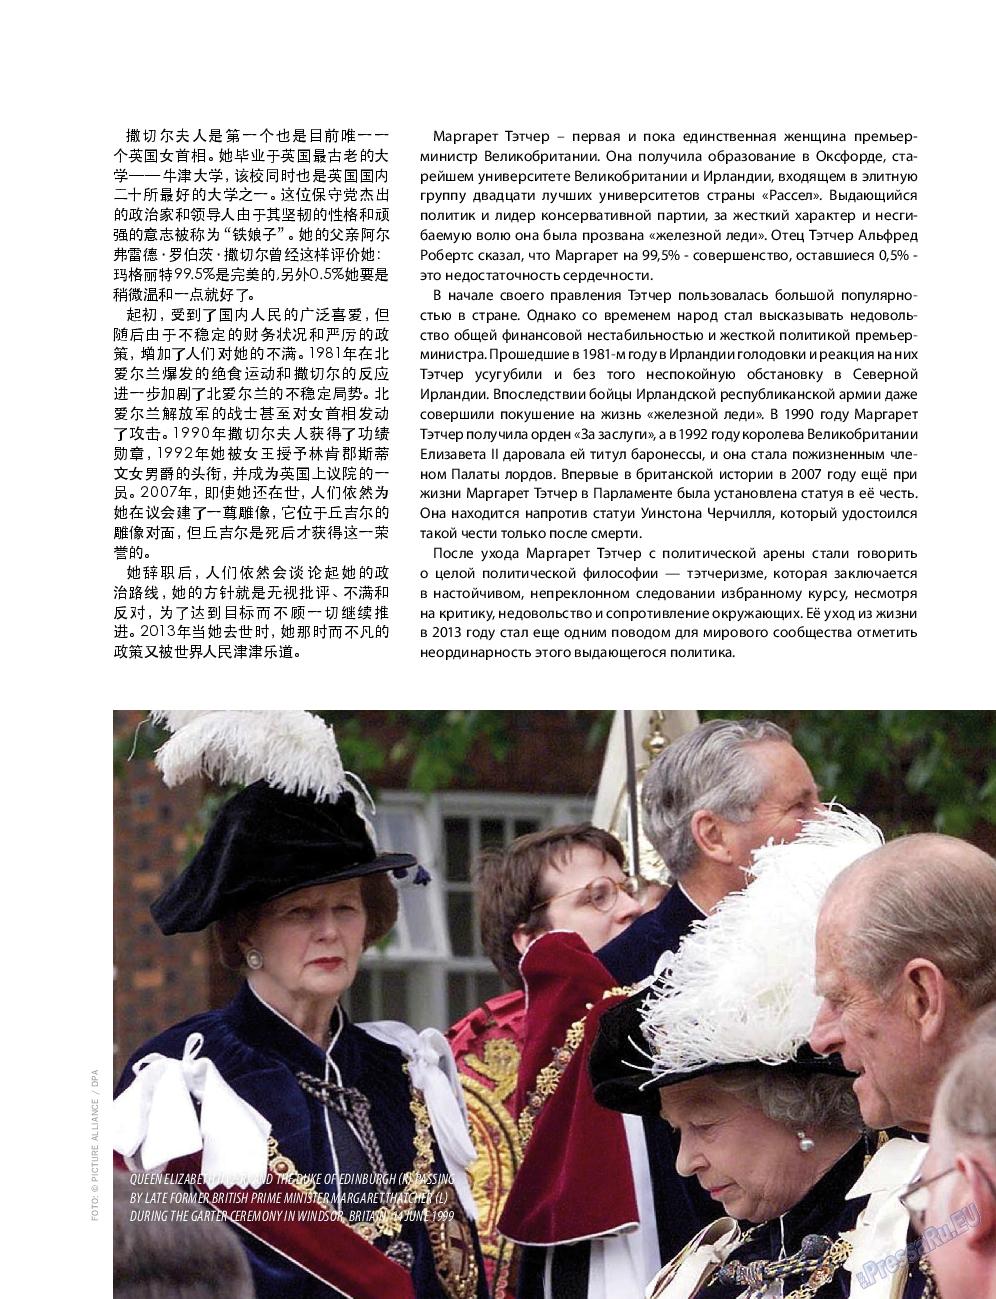 Клан (журнал). 2015 год, номер 9, стр. 53